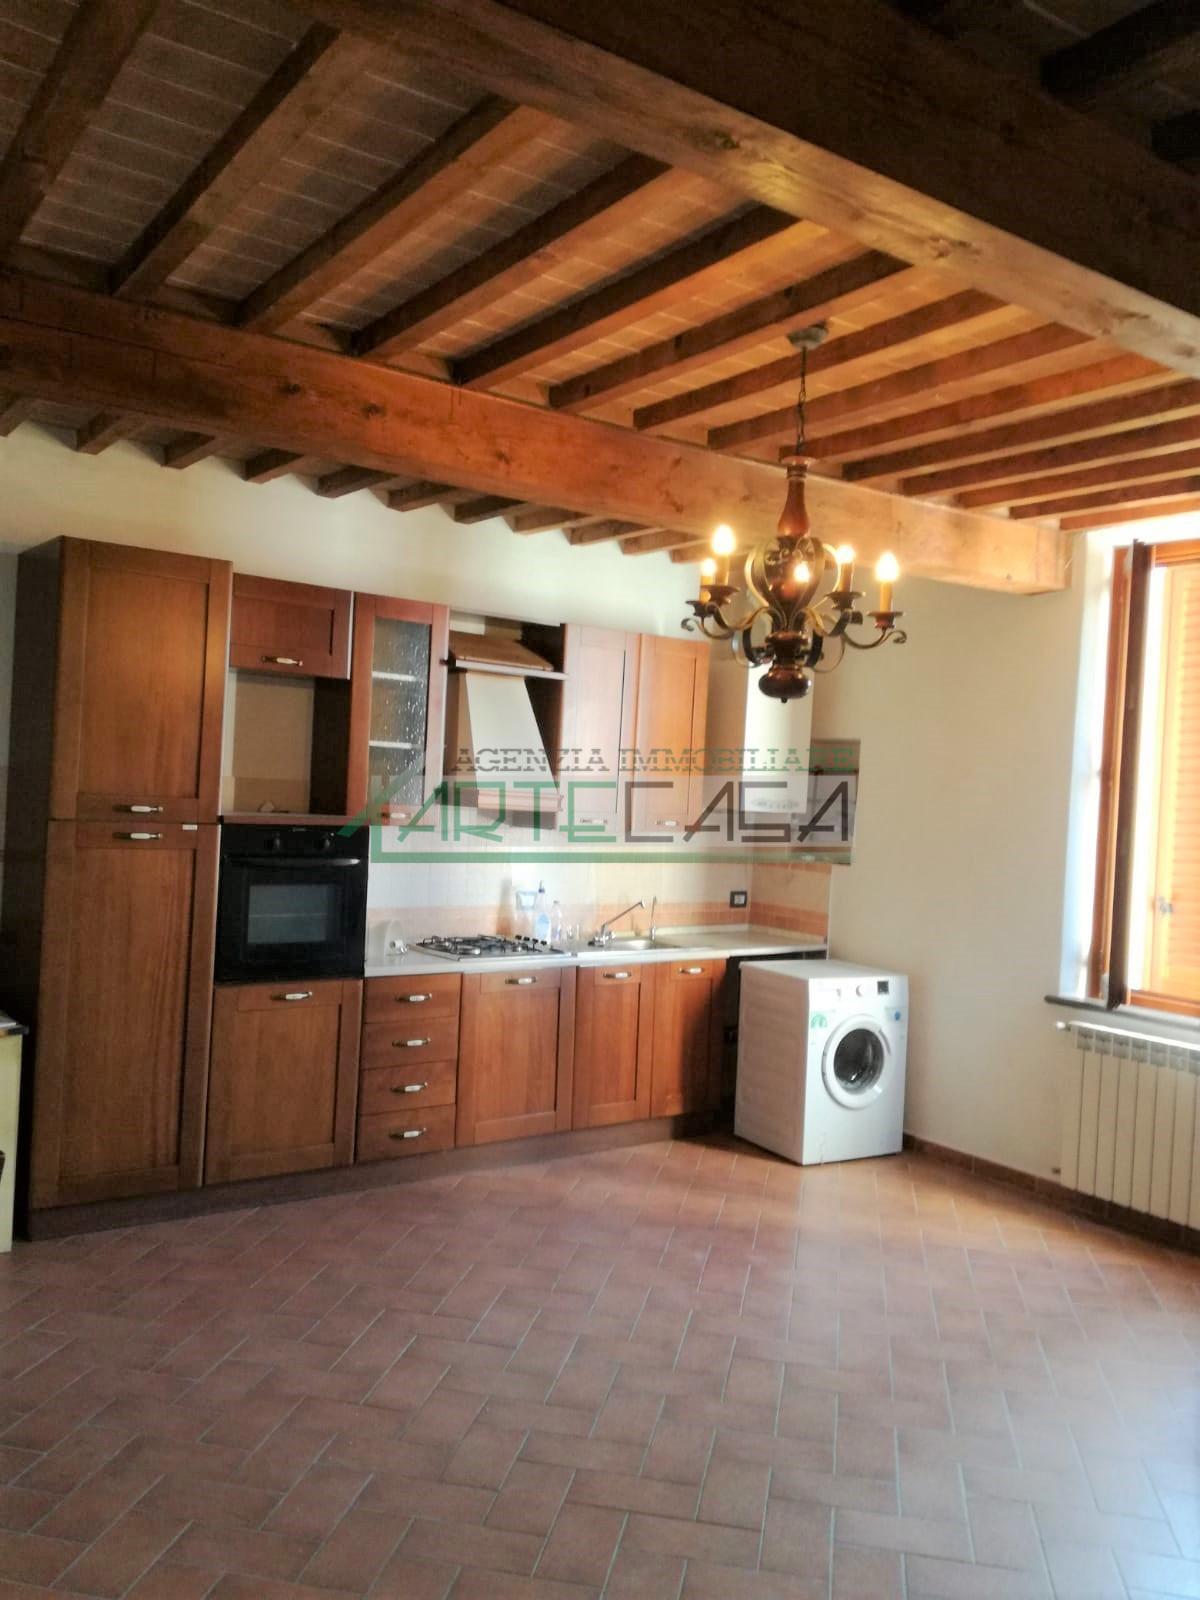 Appartamento in affitto, rif. AC6991p